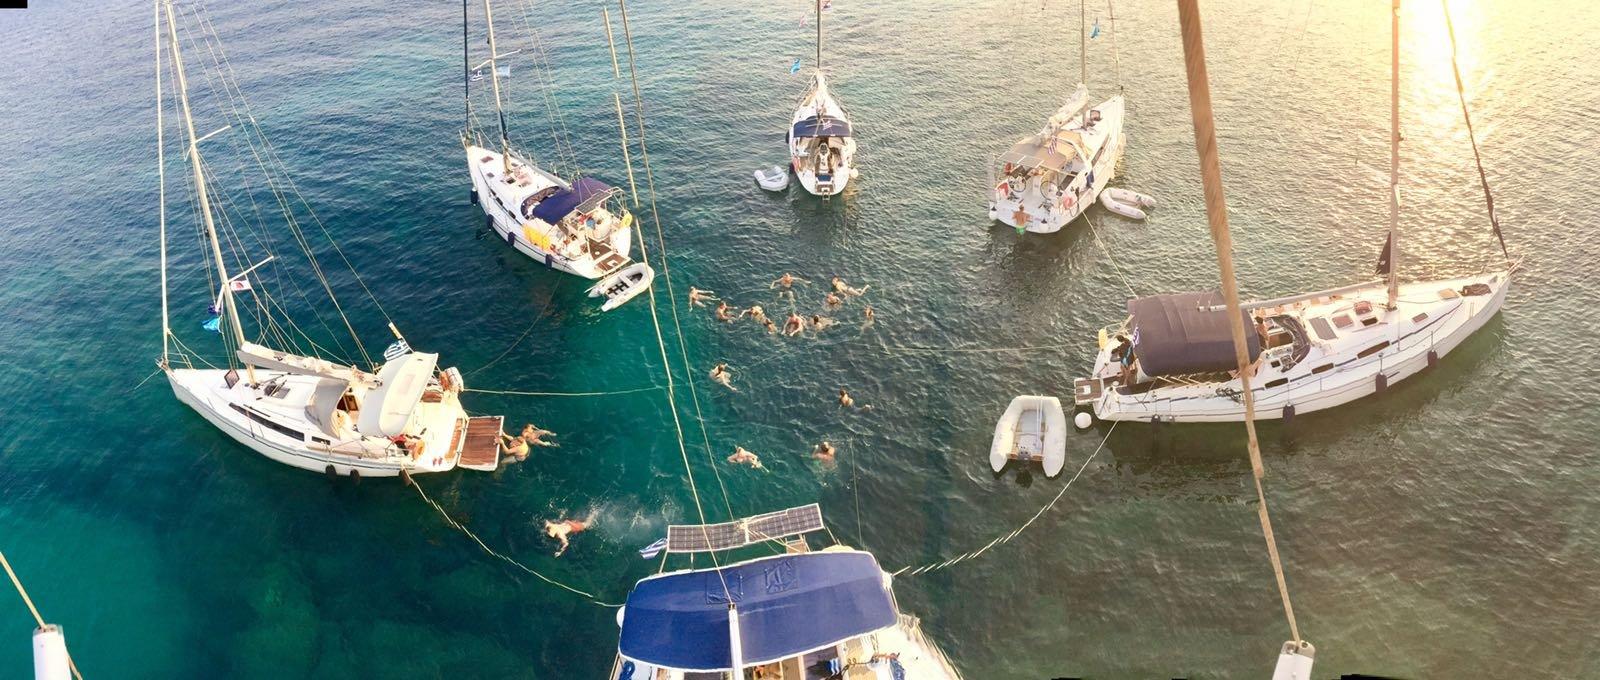 flottielje kroatie voor anker.jpeg